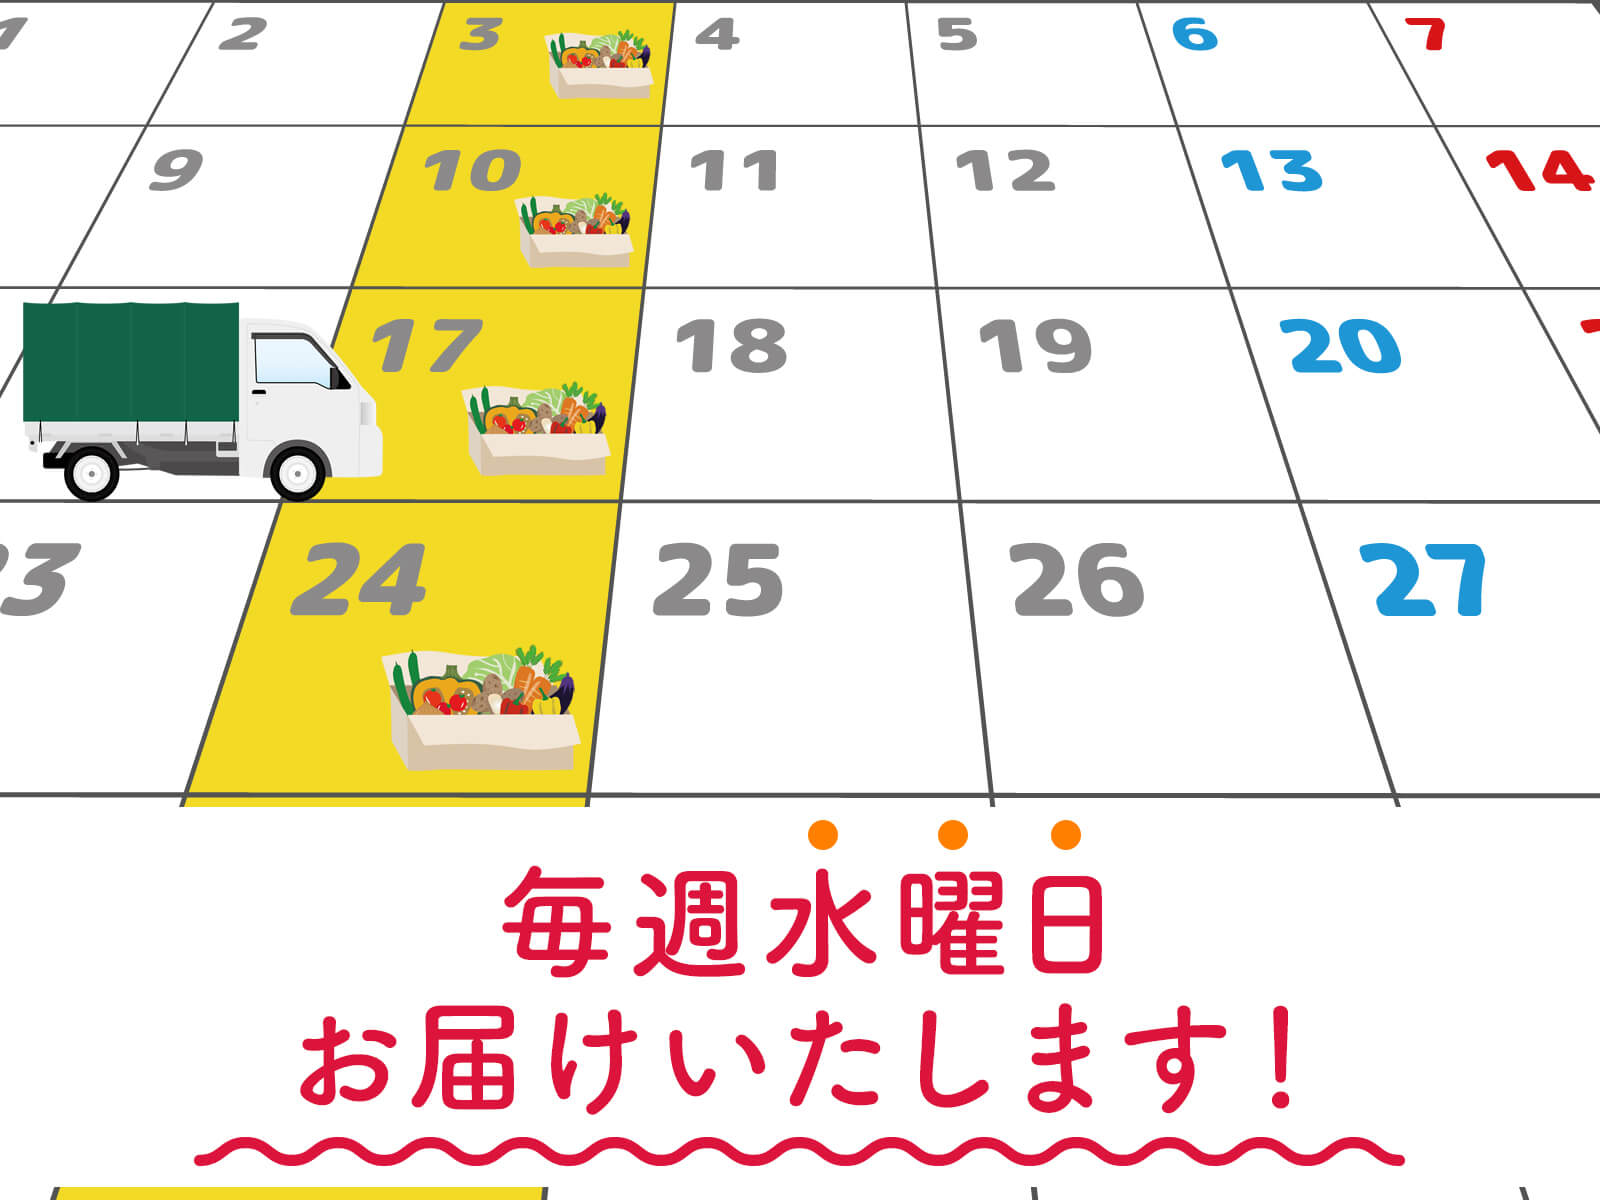 お届け日カレンダー